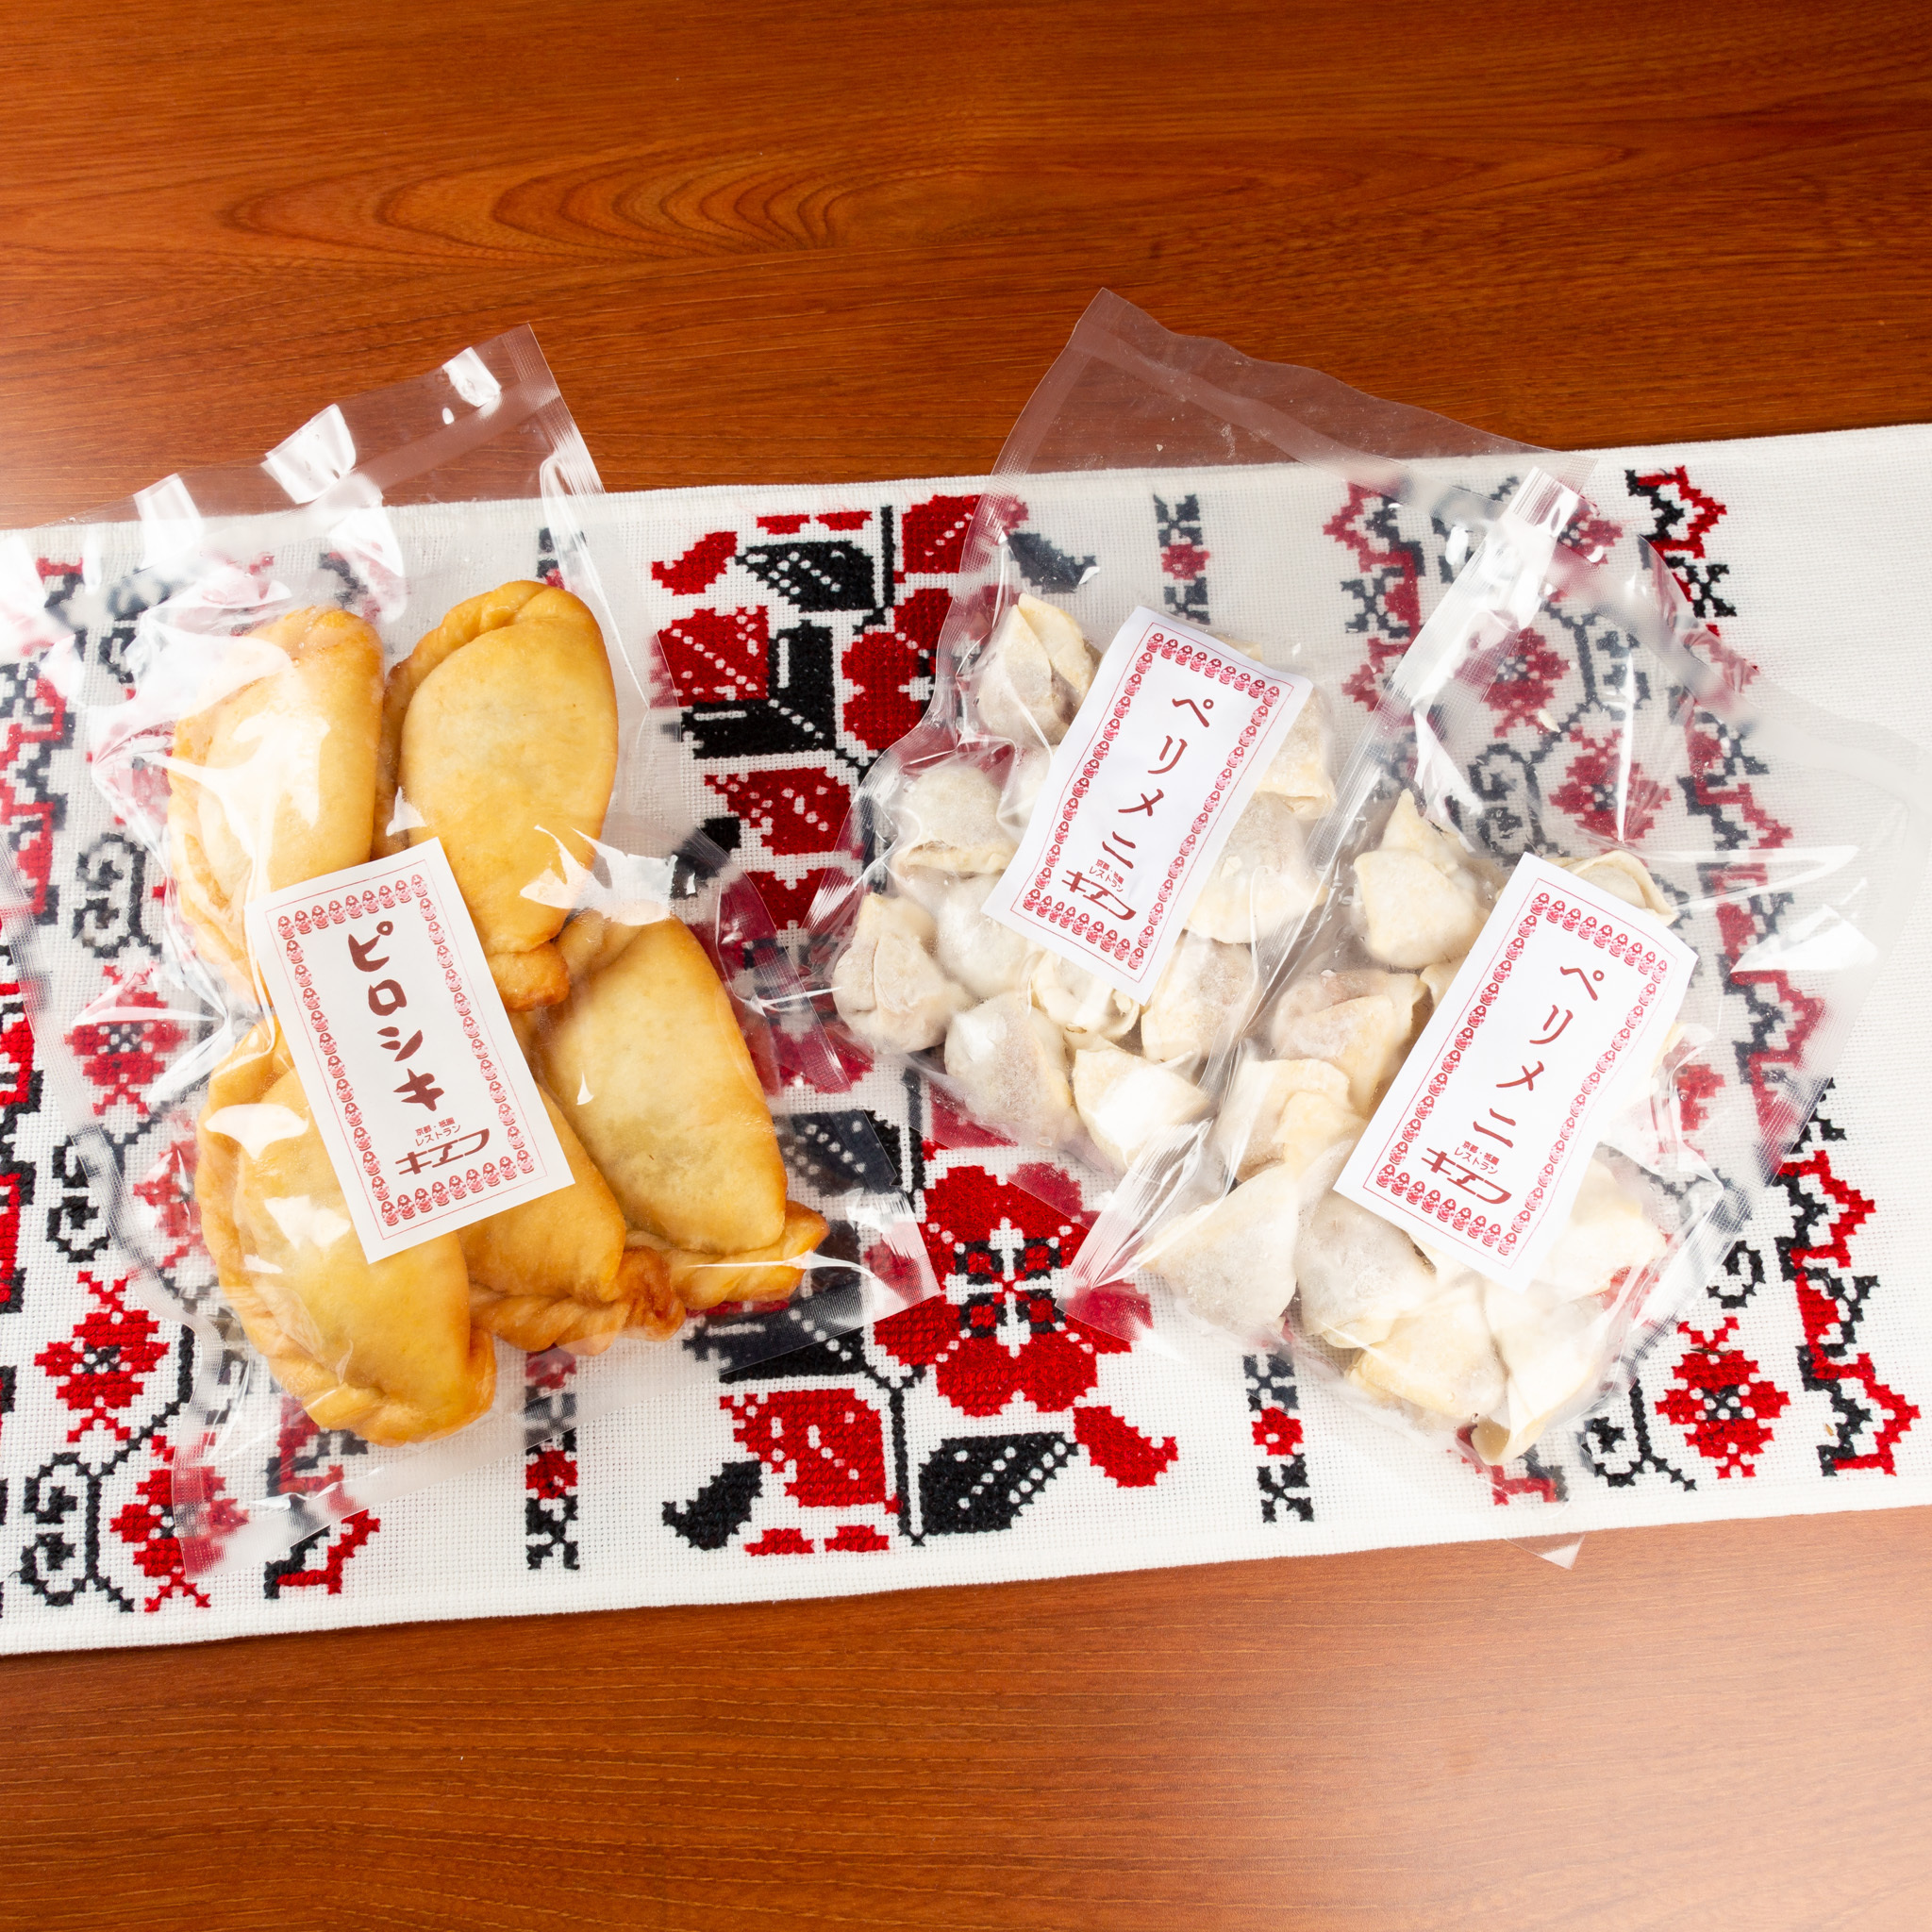 セットC 冷凍ピロシキ(プレーン)5個+ペリメニ(ロシア餃子)12個(1セット)x2(送料別)